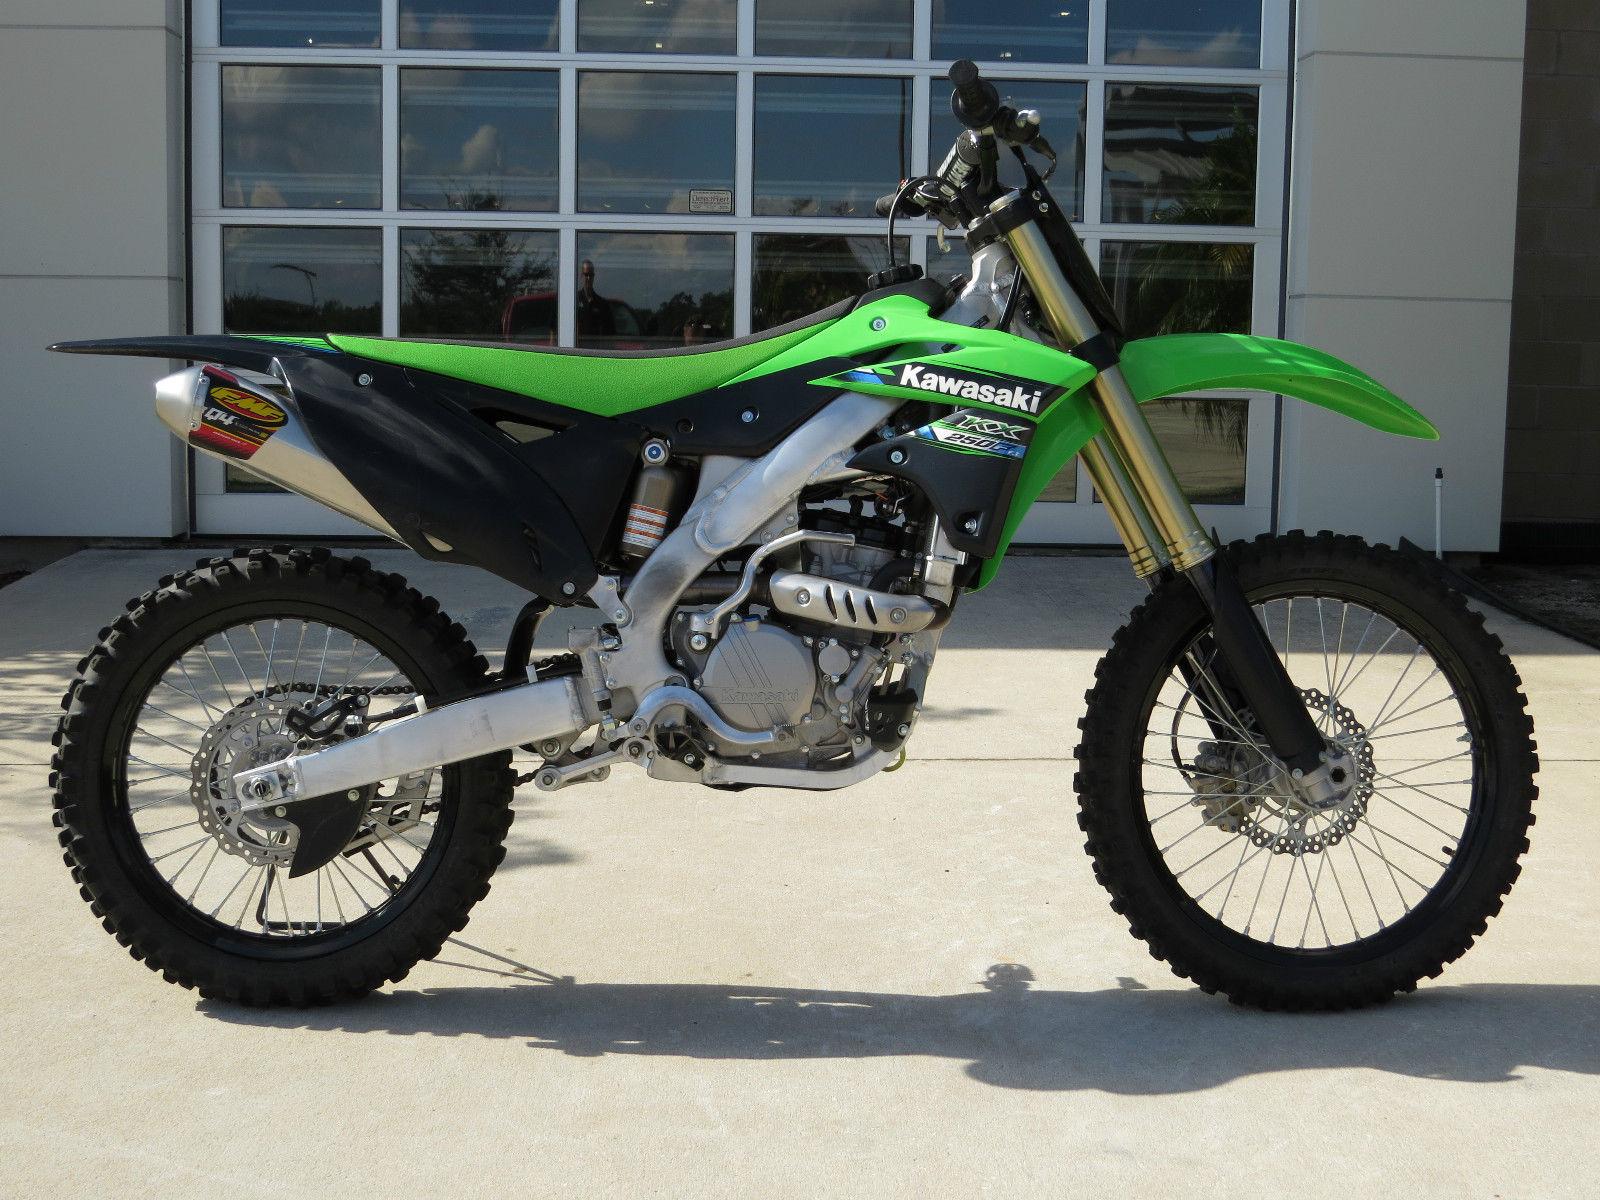 Kawasaki Dirt Bike Values